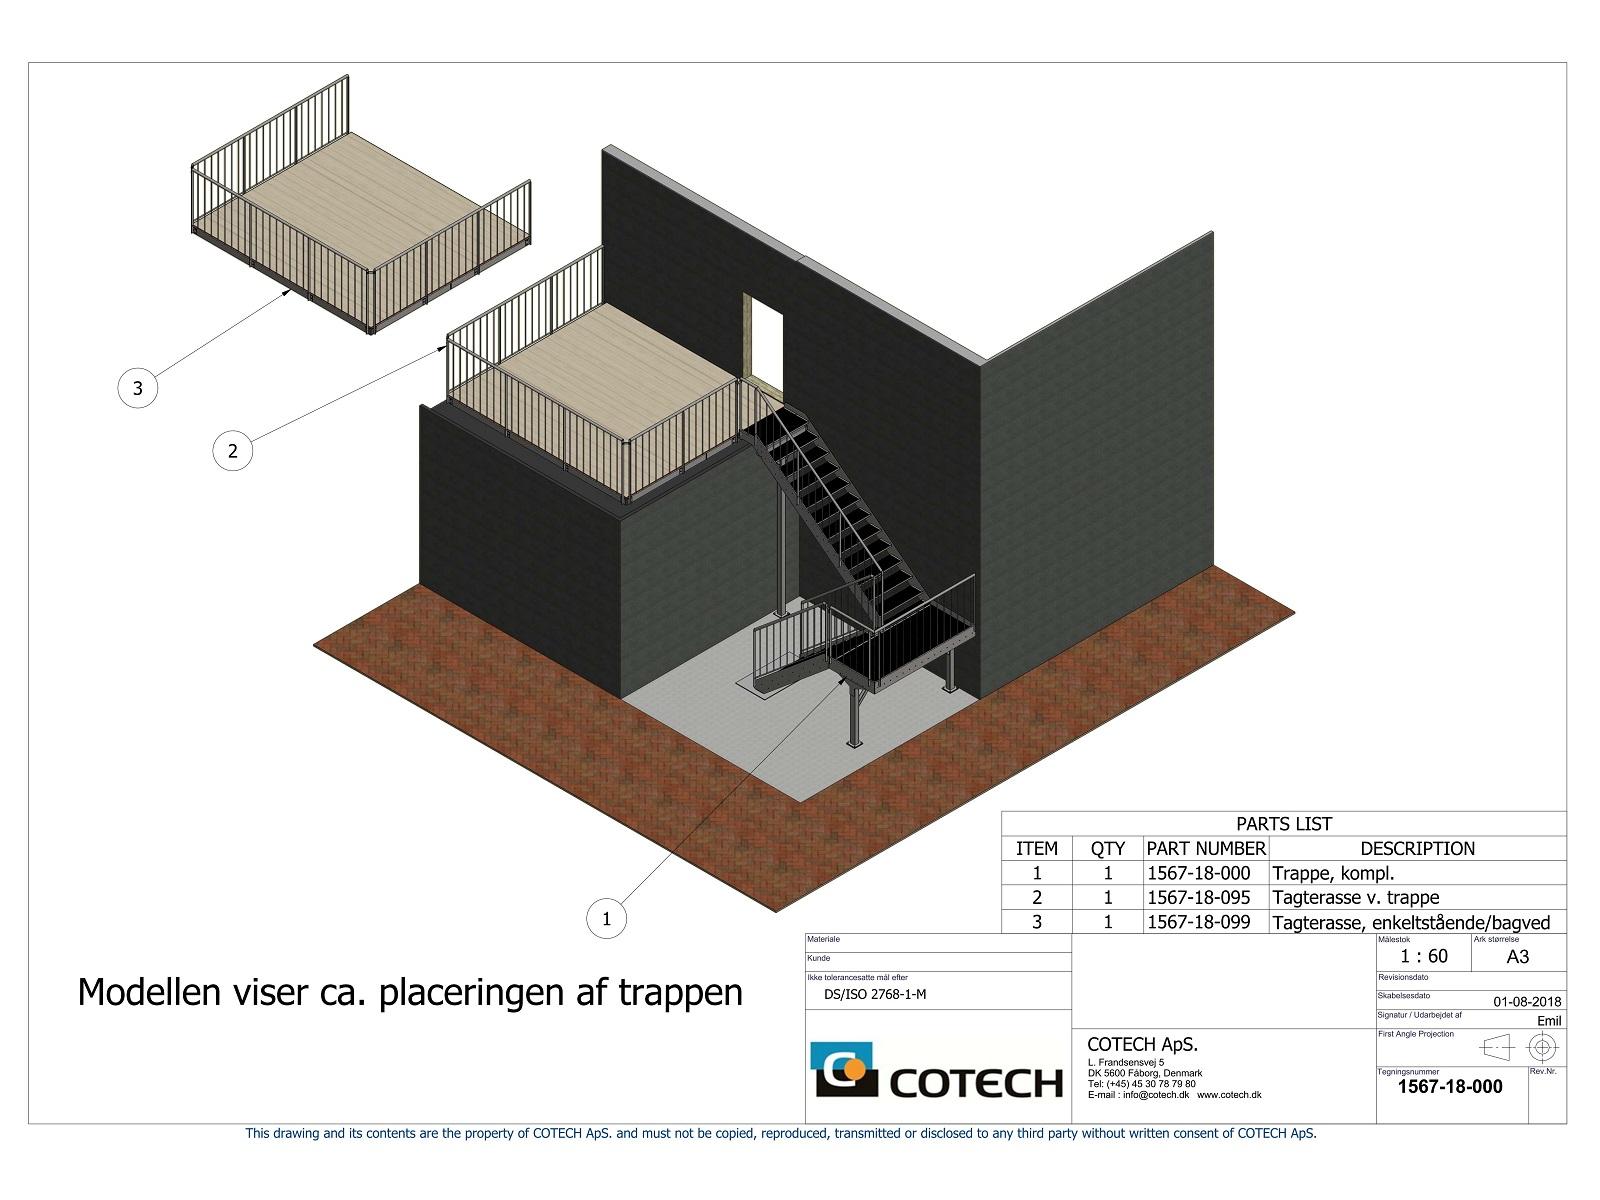 Samlingstegning af trappe med tagterrasse